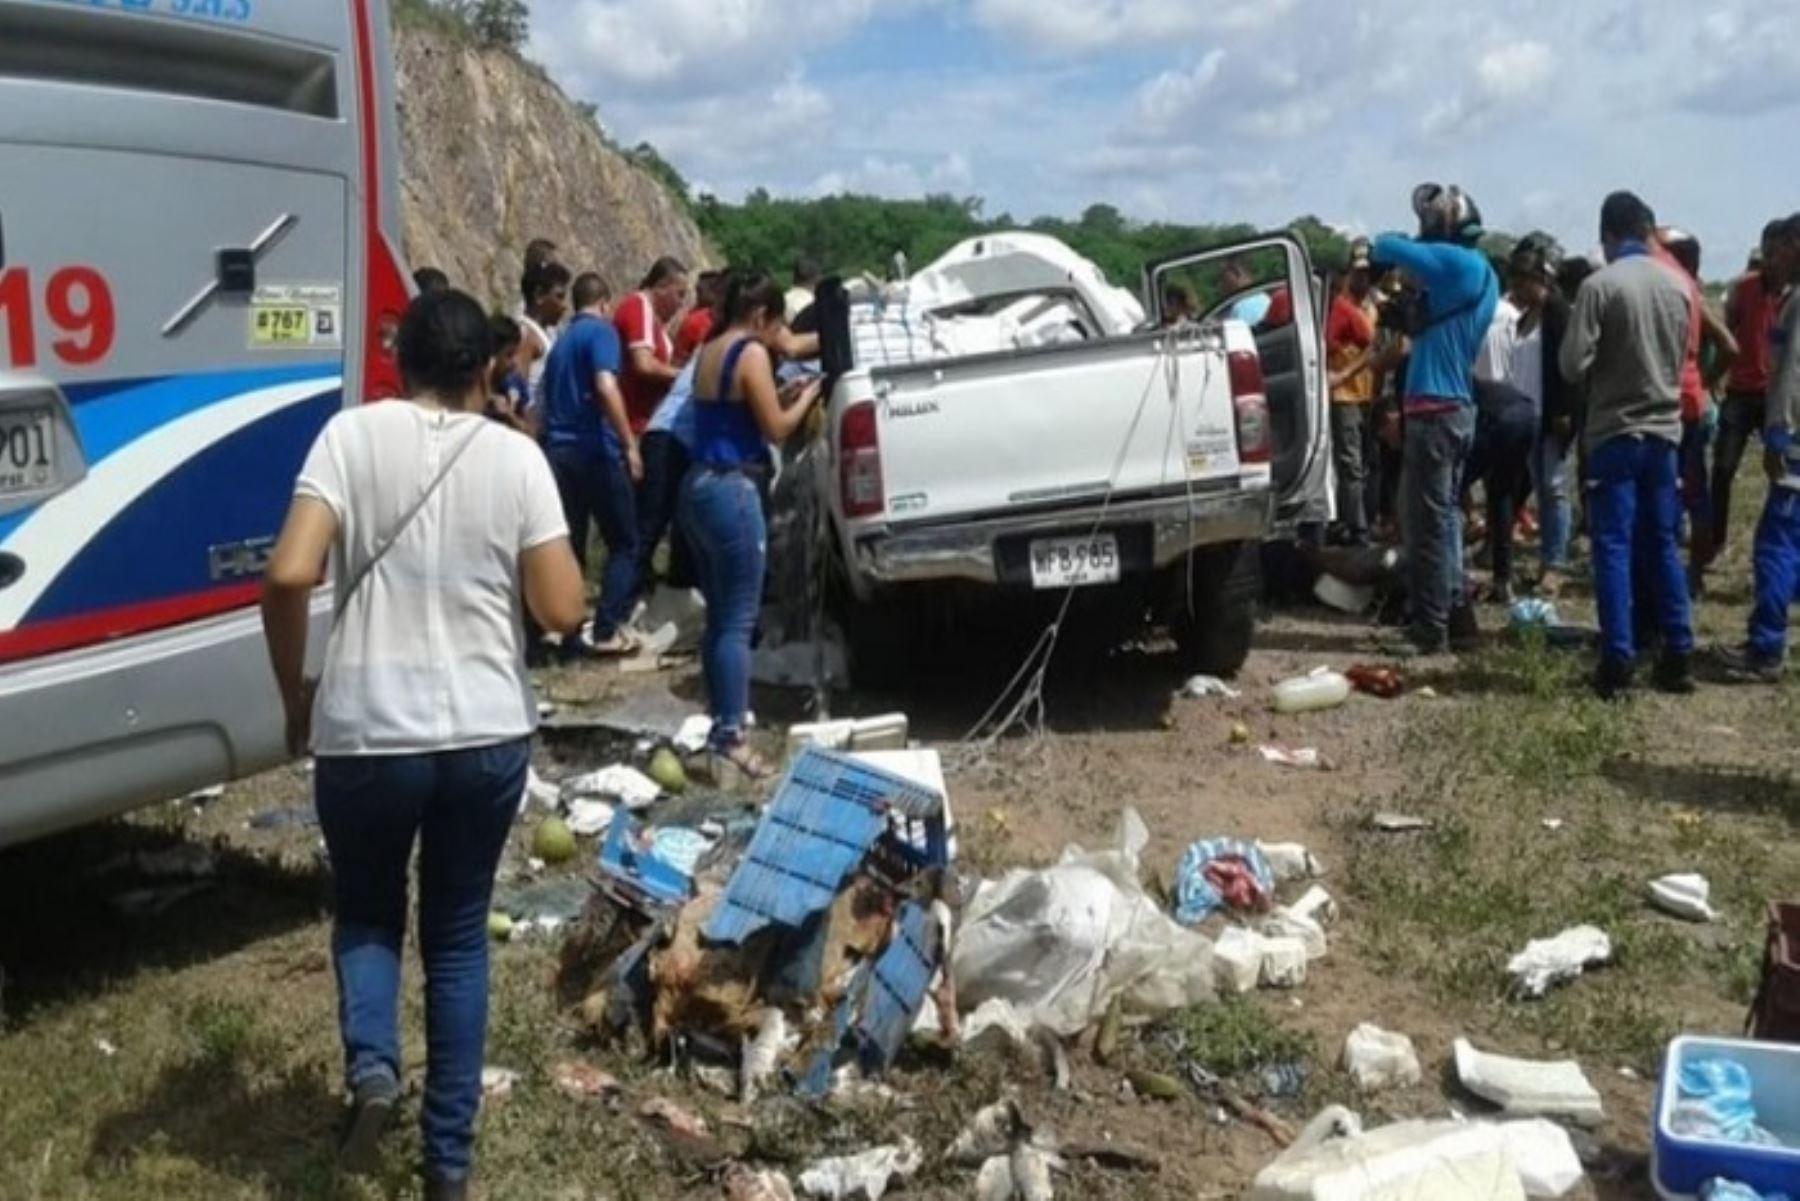 Delicado es el estado de salud de Miguel Jara Mogollón, alcalde del distrito ancashino de Pontó, en la provincia de Huari, luego de sufrir un accidente automovilístico en la carretera Panamericana Norte, a la altura de Huacho, en la provincia de Huaura, región Lima, informaron fuentes policiales locales.